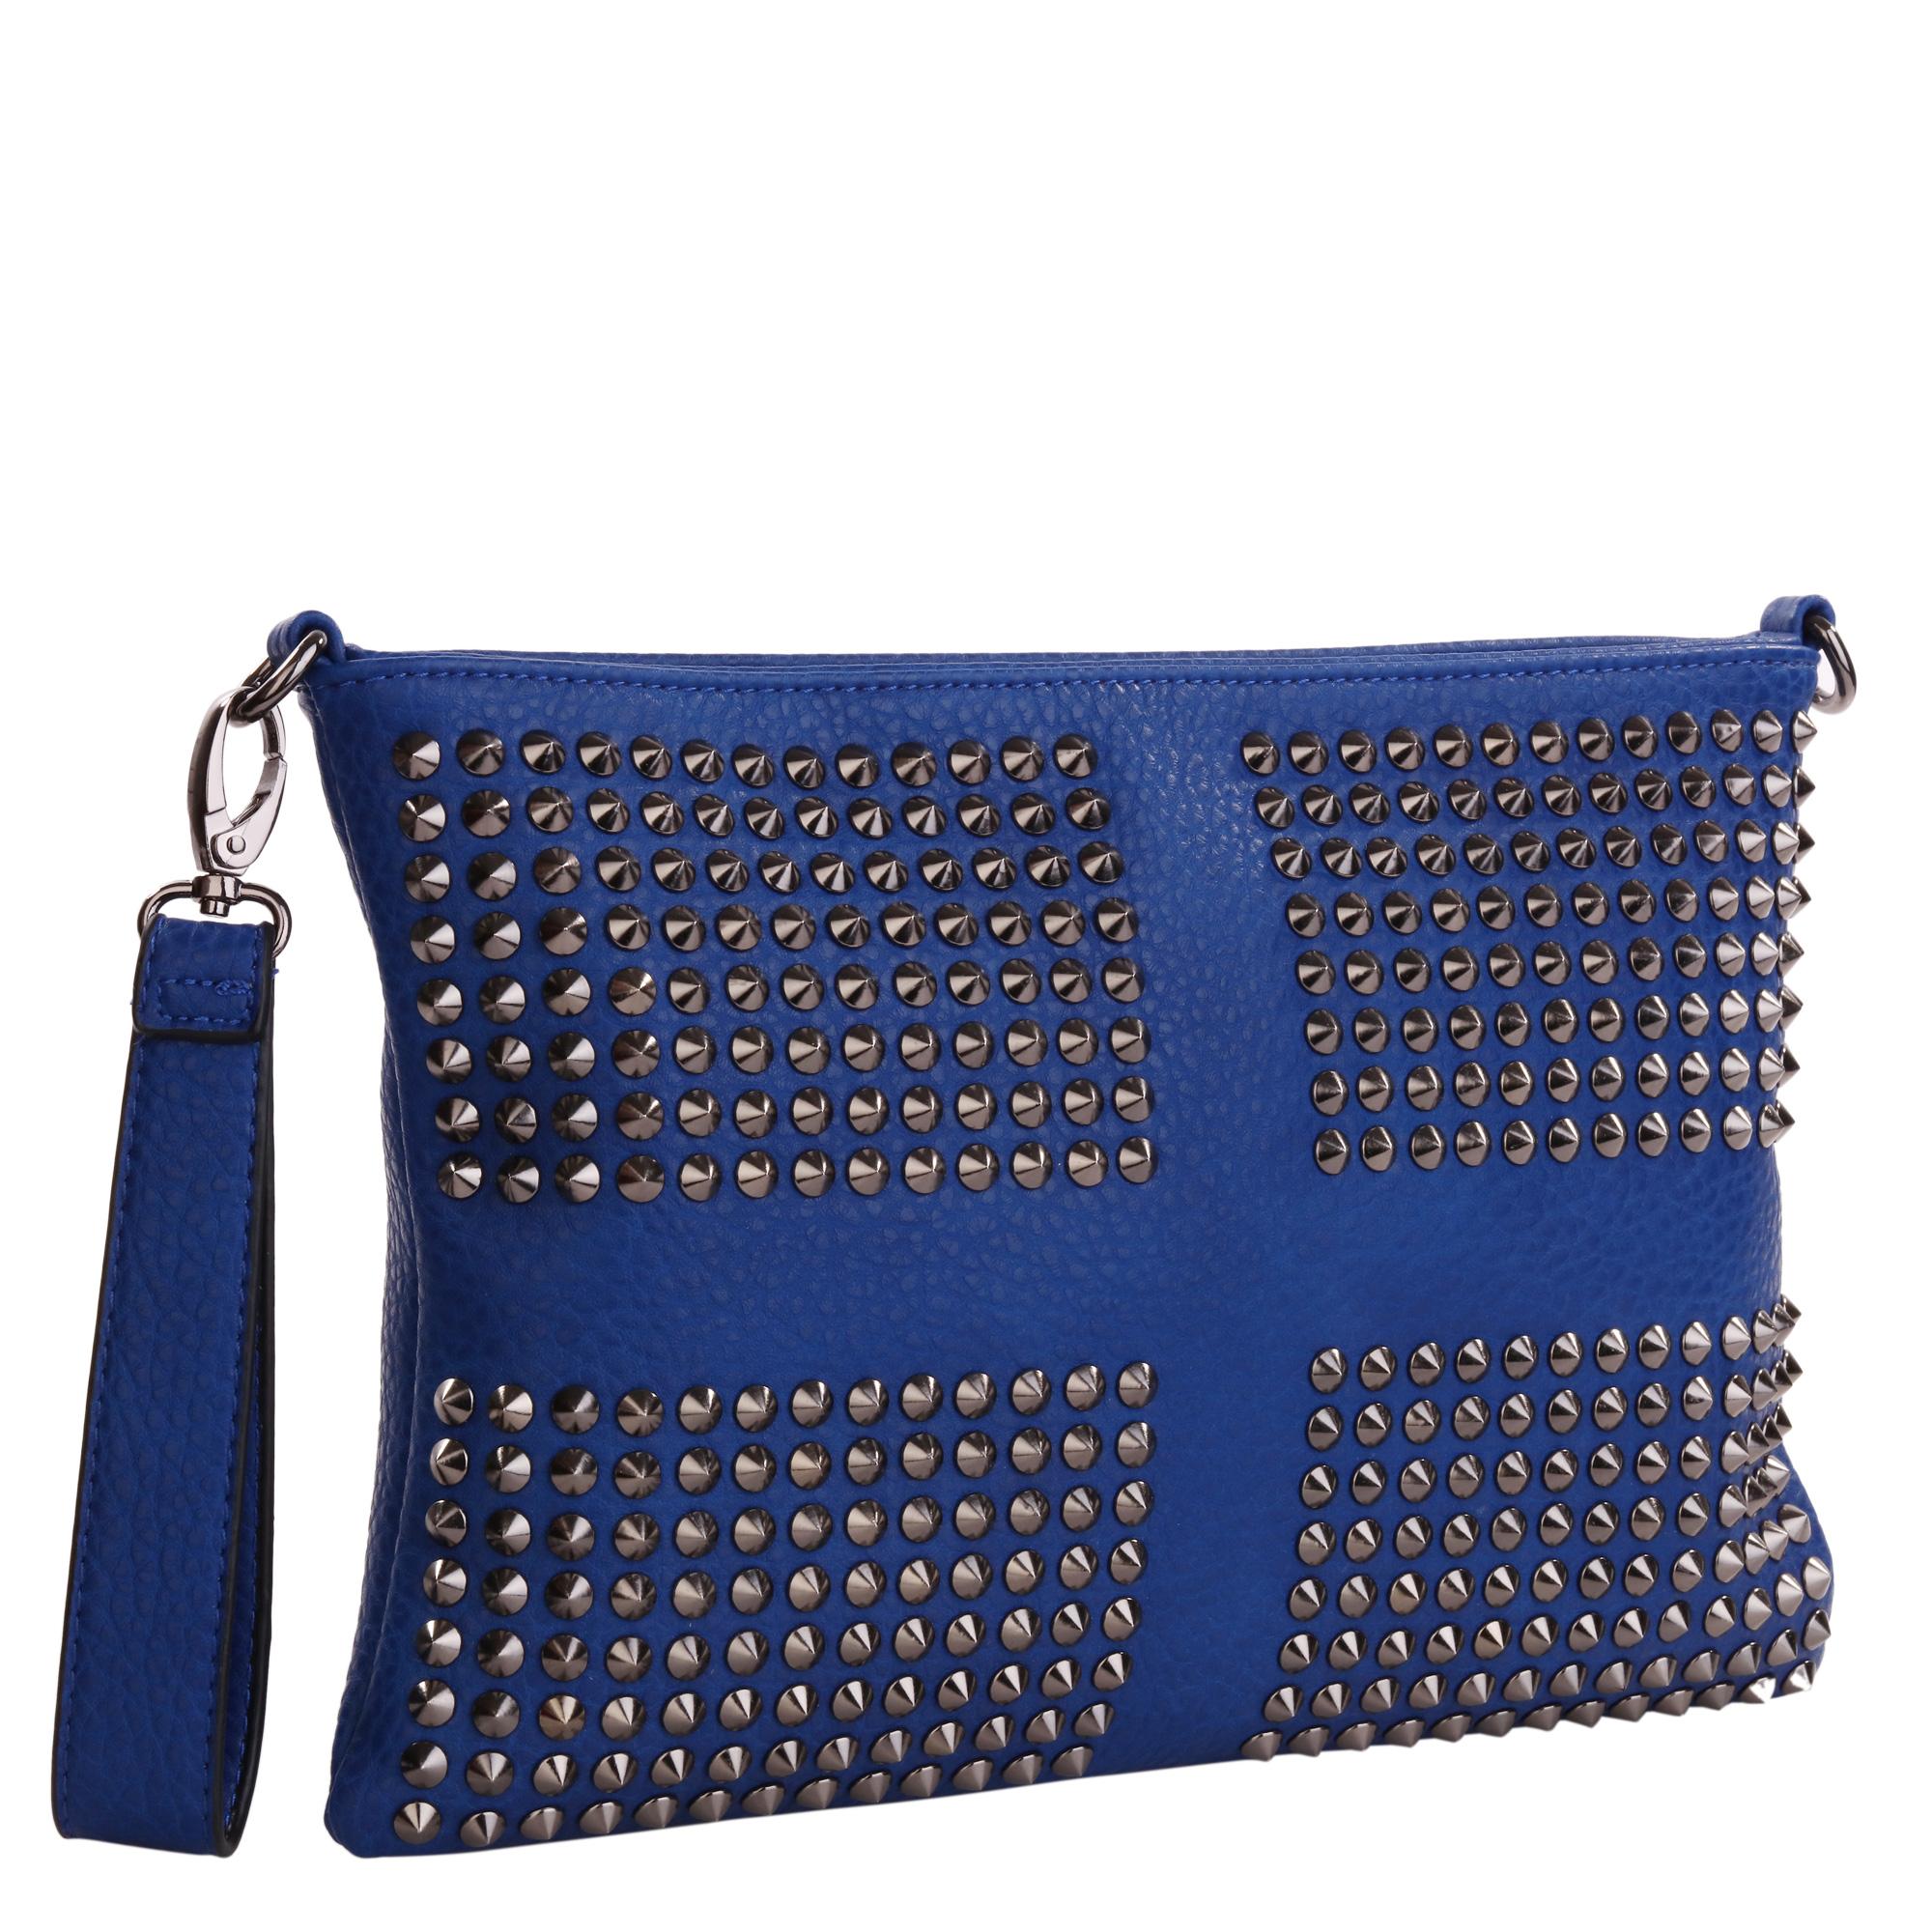 Сумка женская Pola, цвет: синий. 8273-048273-04Женская сумка Pola выполнена из экокожи. Основное отделение закрывается на молнию, внутри два открытых кармана и карман на молнии. Снаружи карман на молнии сзади сумки. В комплекте съемный плечевой ремень, регулируемый по длине, максимальная высота 58 см. Также есть съемная ручка для переноски на кисти. Цвет фурнитуры- черный.